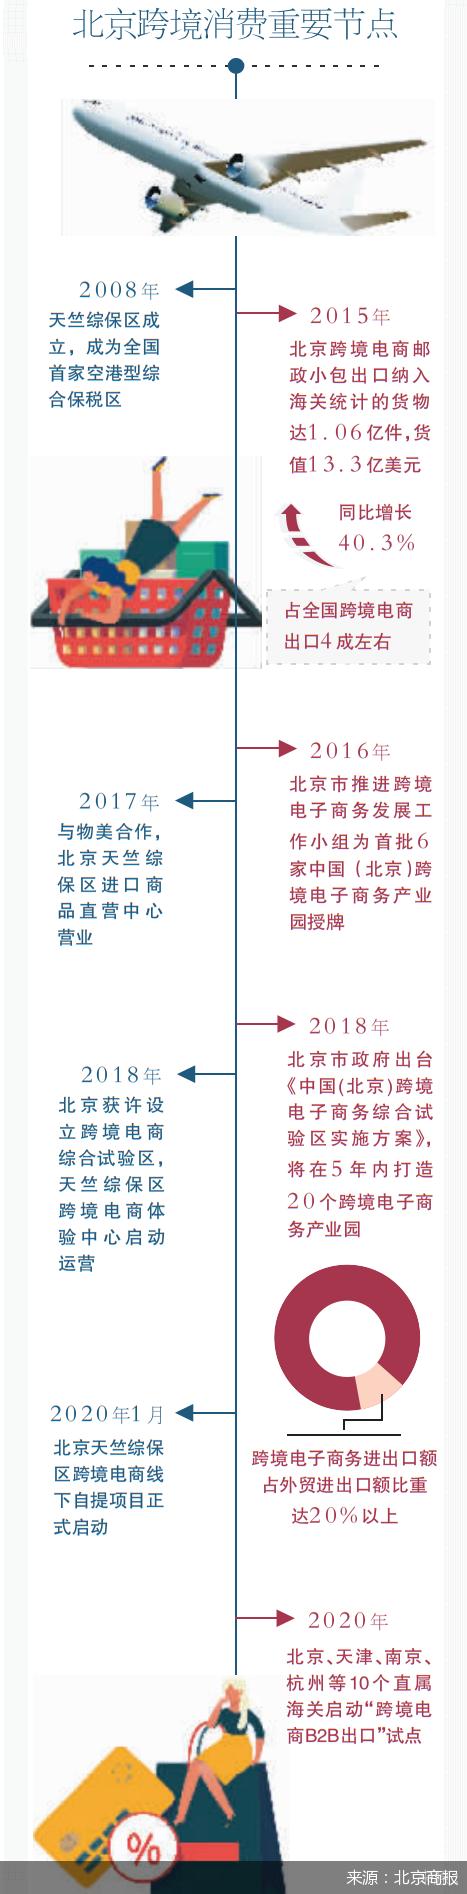 天竺保税区:北京跨境消费执灯者